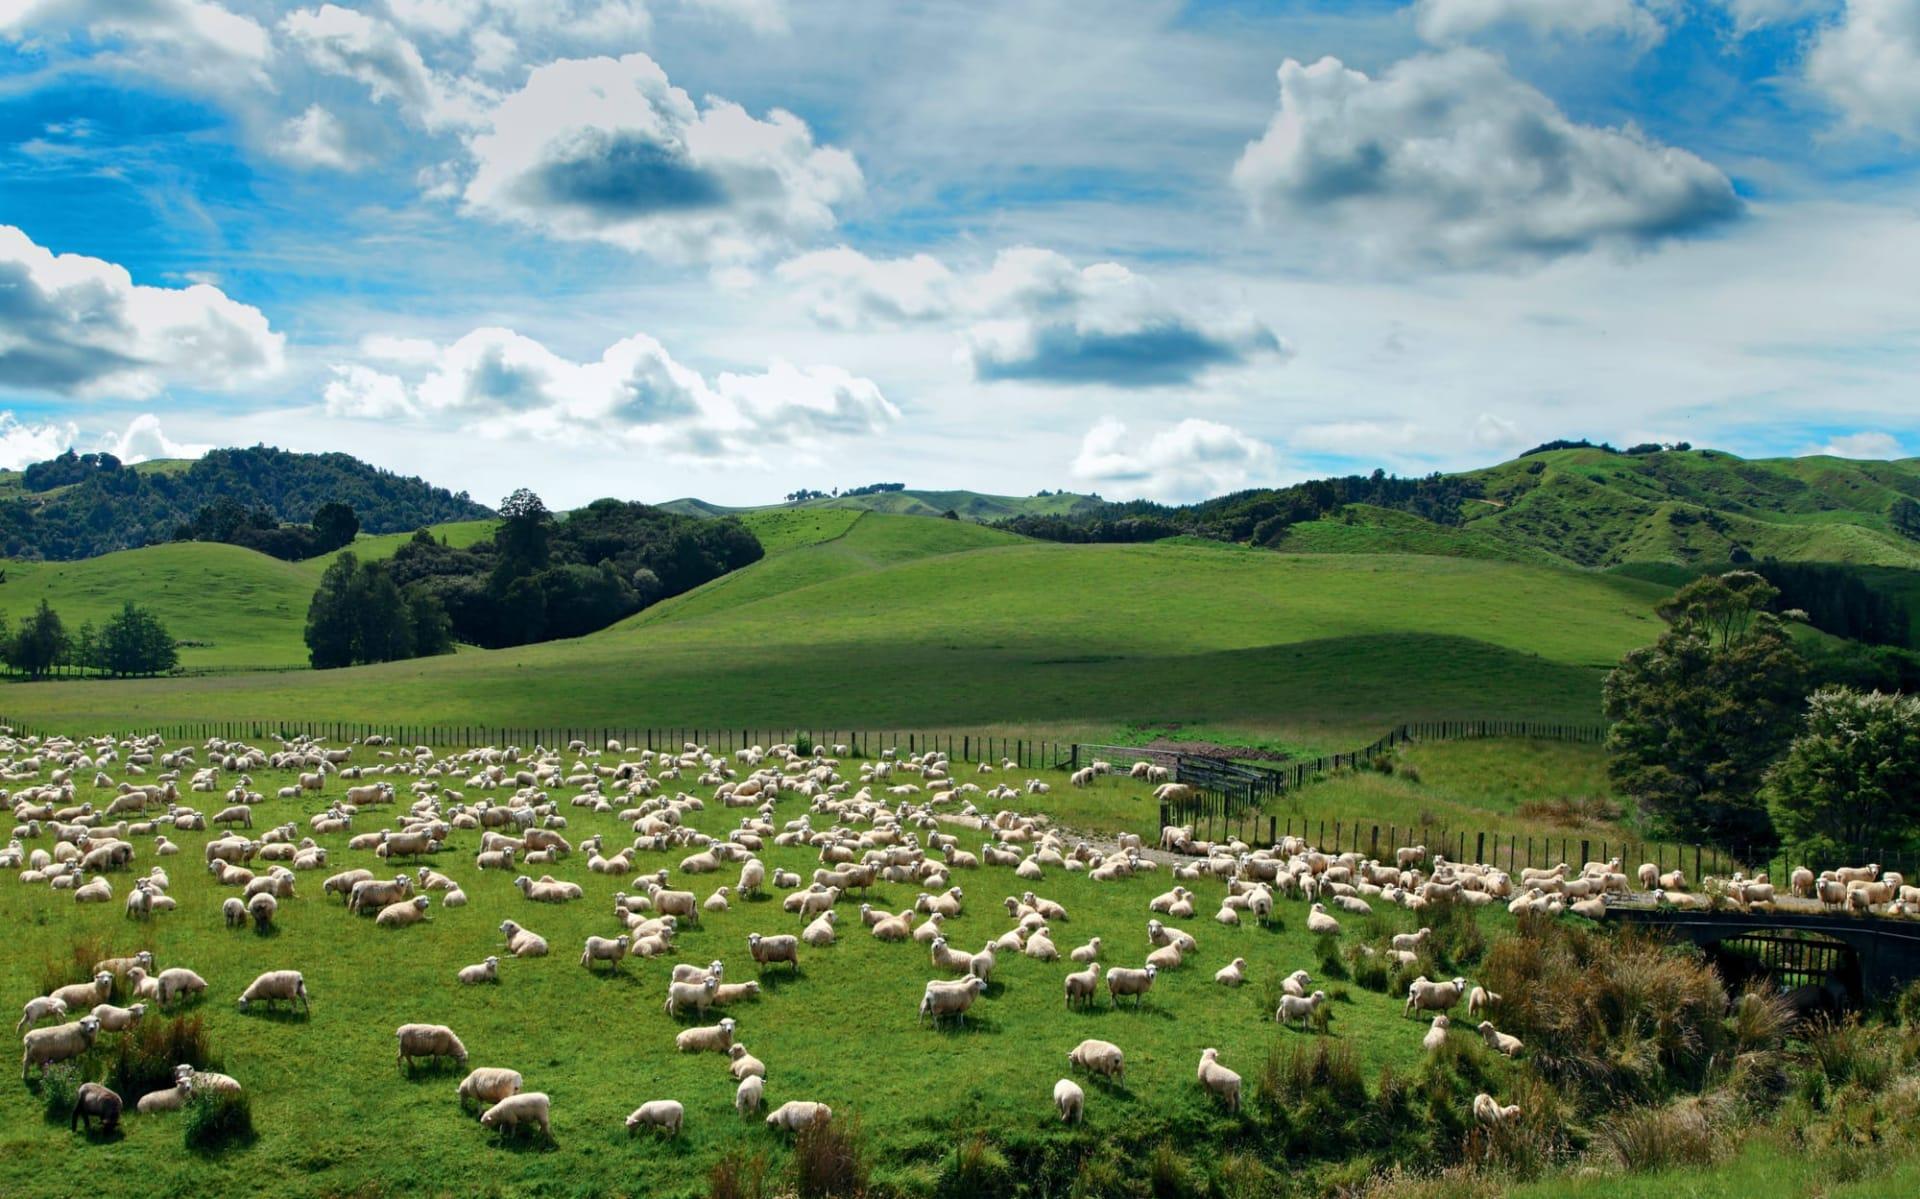 23 Tage Neuseeland bewusst erleben ab Auckland: Neuseeland - Schafe auf einer Wiese